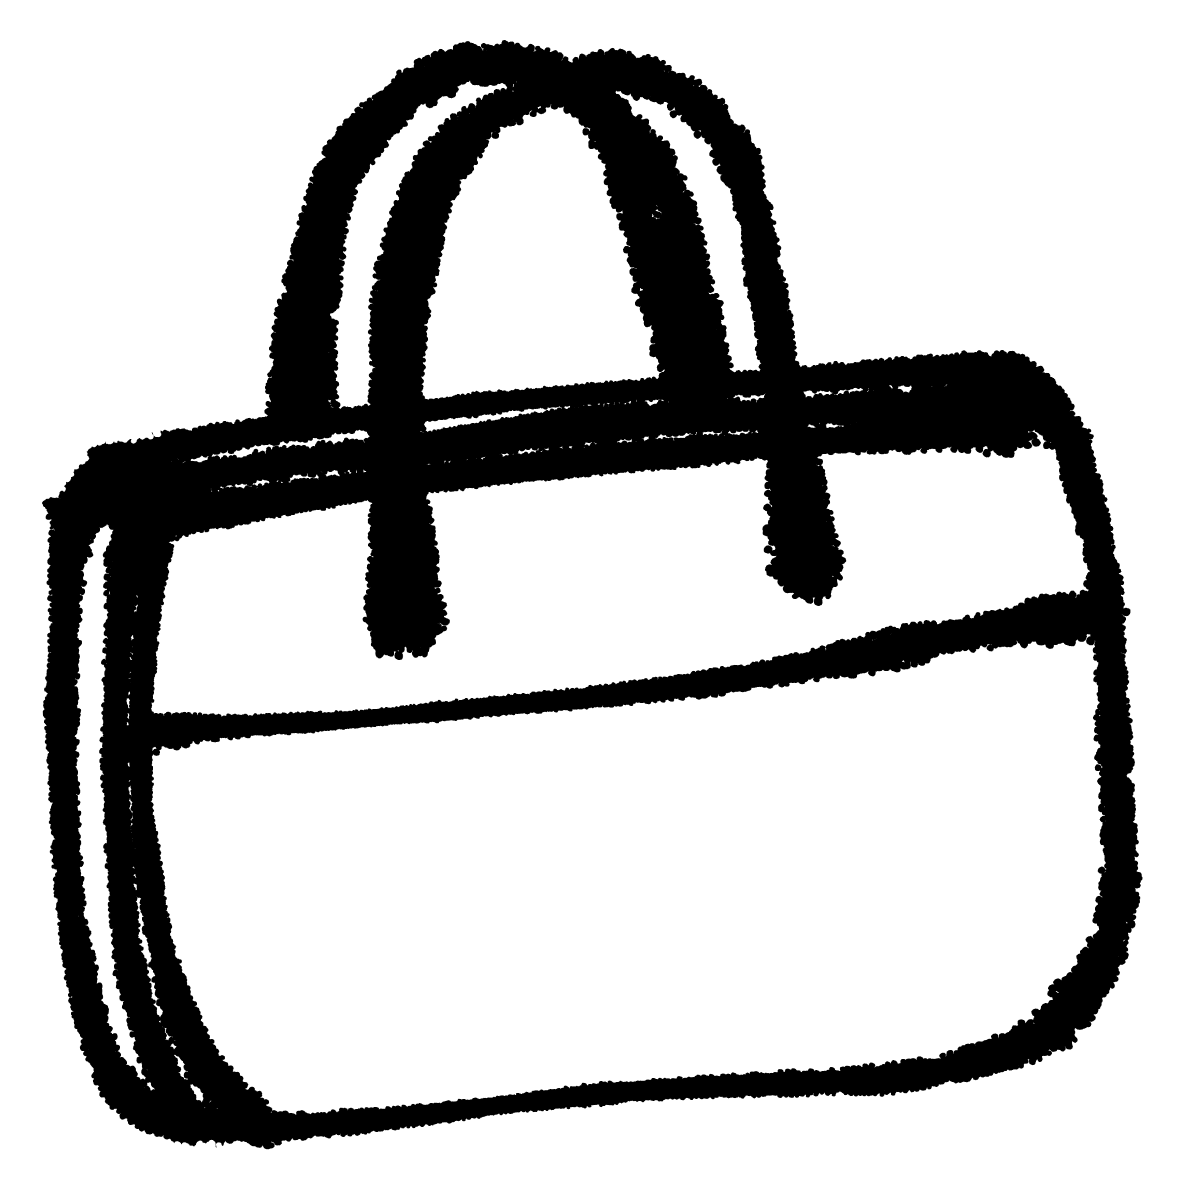 ビジネスバッグ1のイラスト / Business bag 1 Illustration